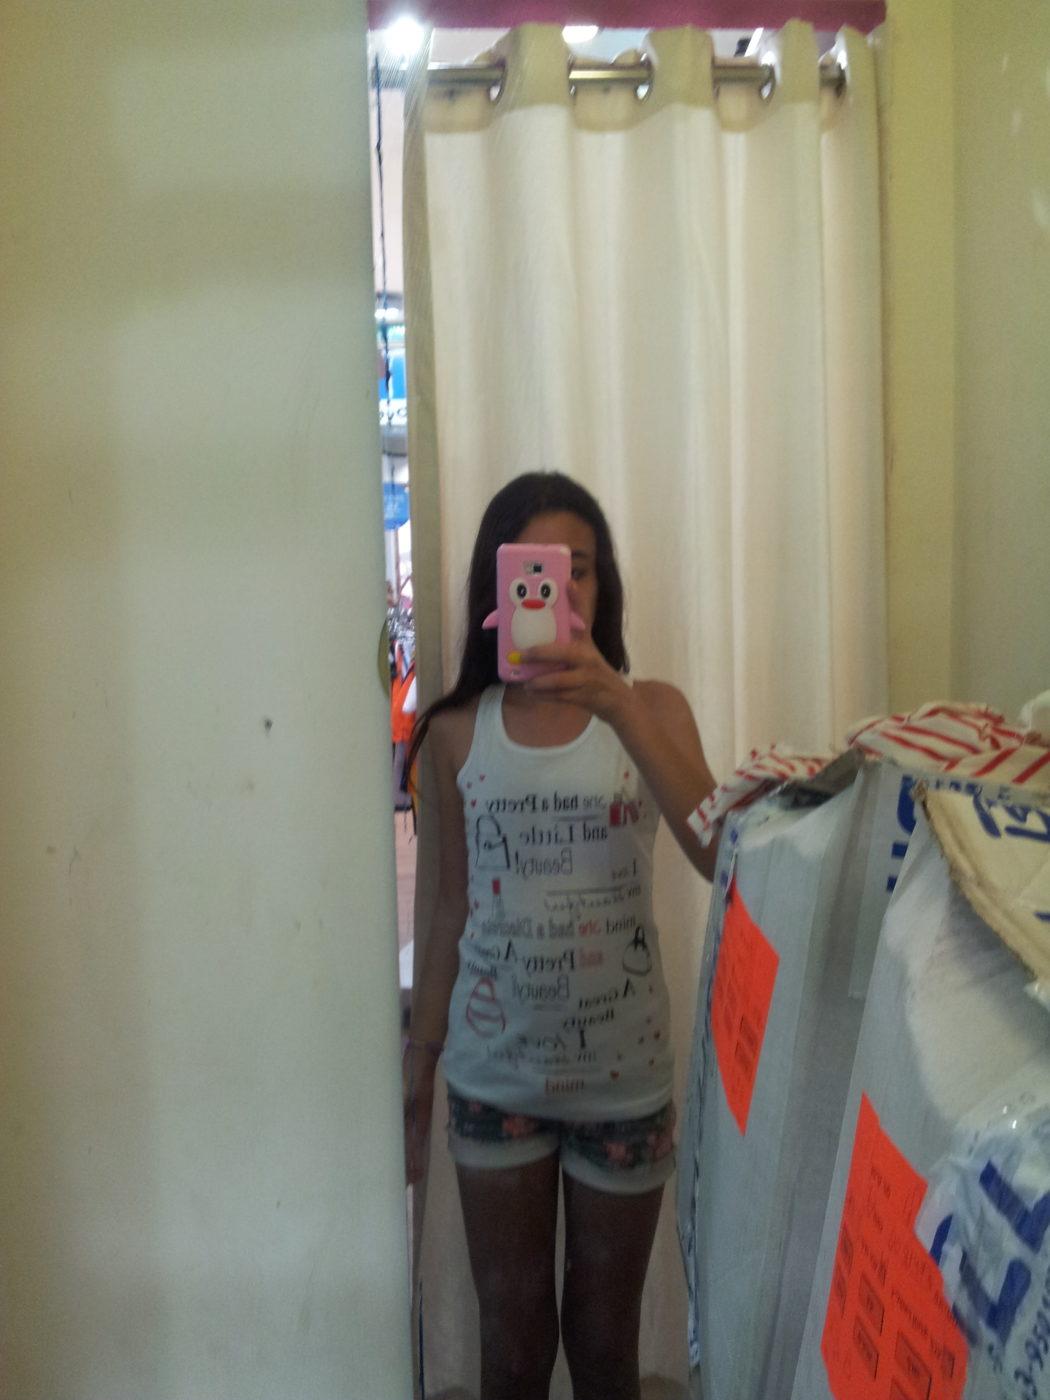 שם השולח: קרן יגיל. באונליין לחברים ולמשפחה. בתמונה הבת שלי בחנות בגדים,מודדת חולצה ומצלמת את עצמה בטבעיות ושולחת בלי לחשוב פעמיים את התמונה לחברים בקבוצה ב- what's up לשמוע חו